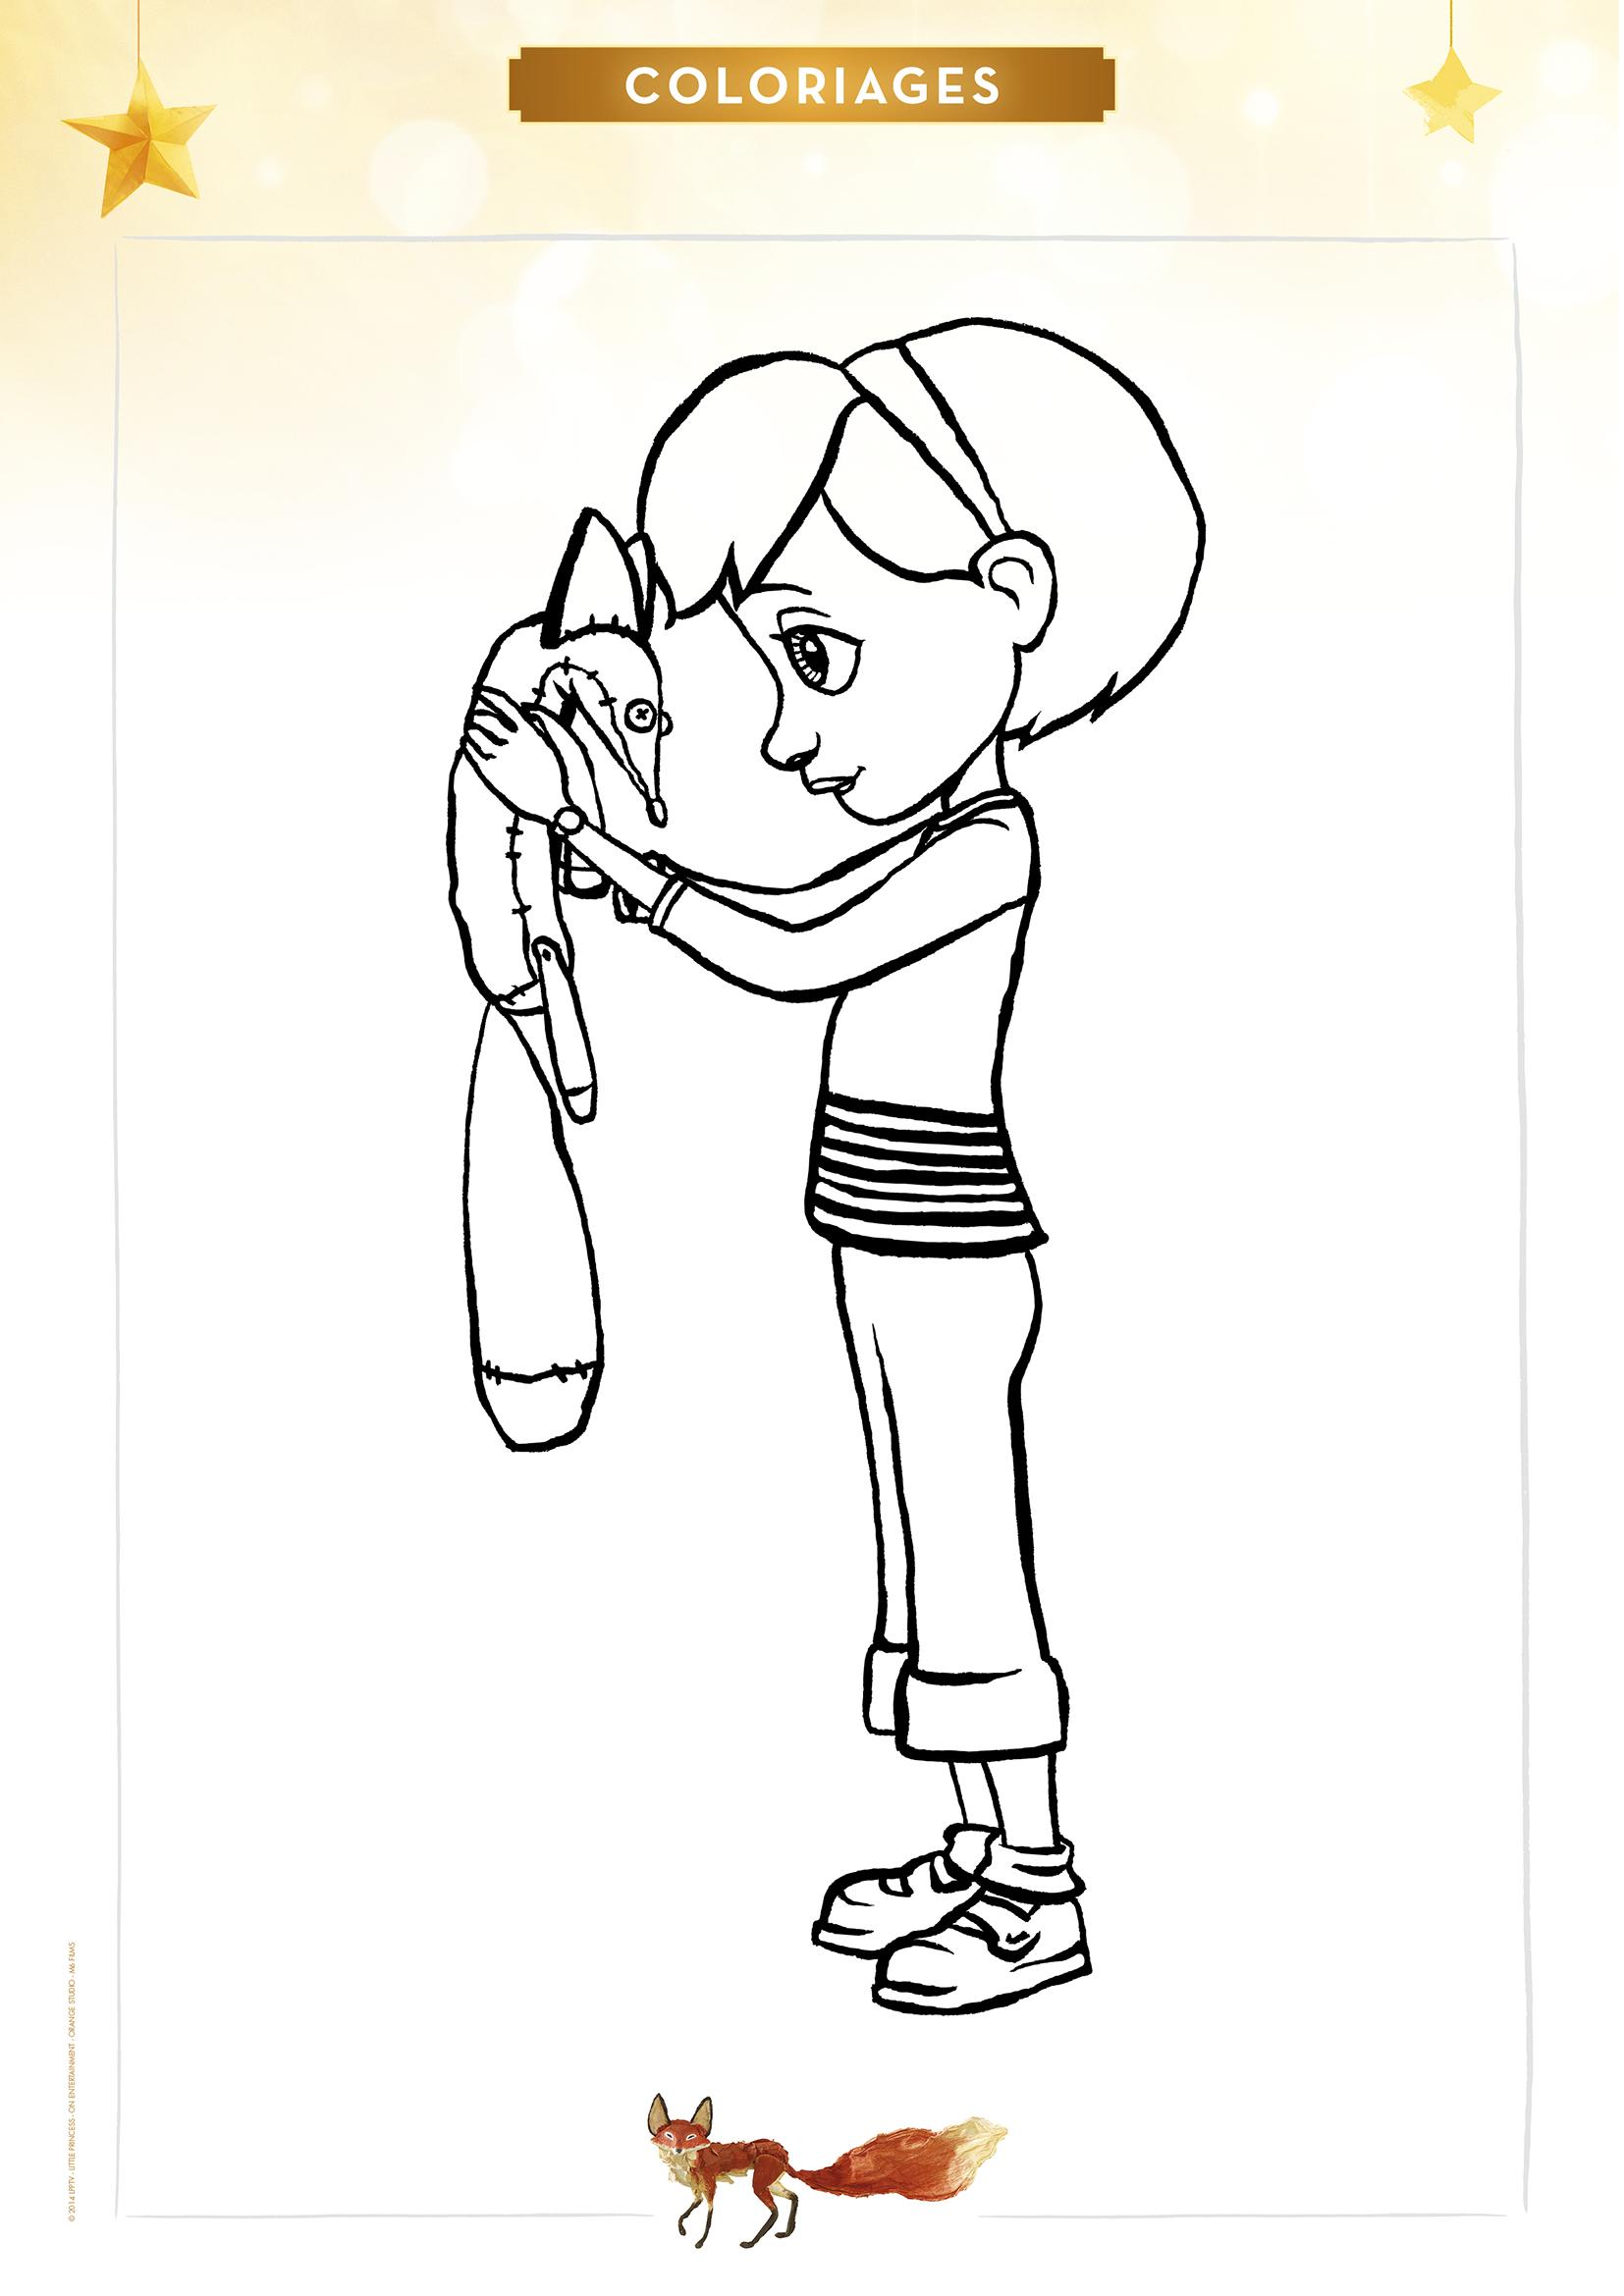 Coloriage la Petite Fille et le Renard